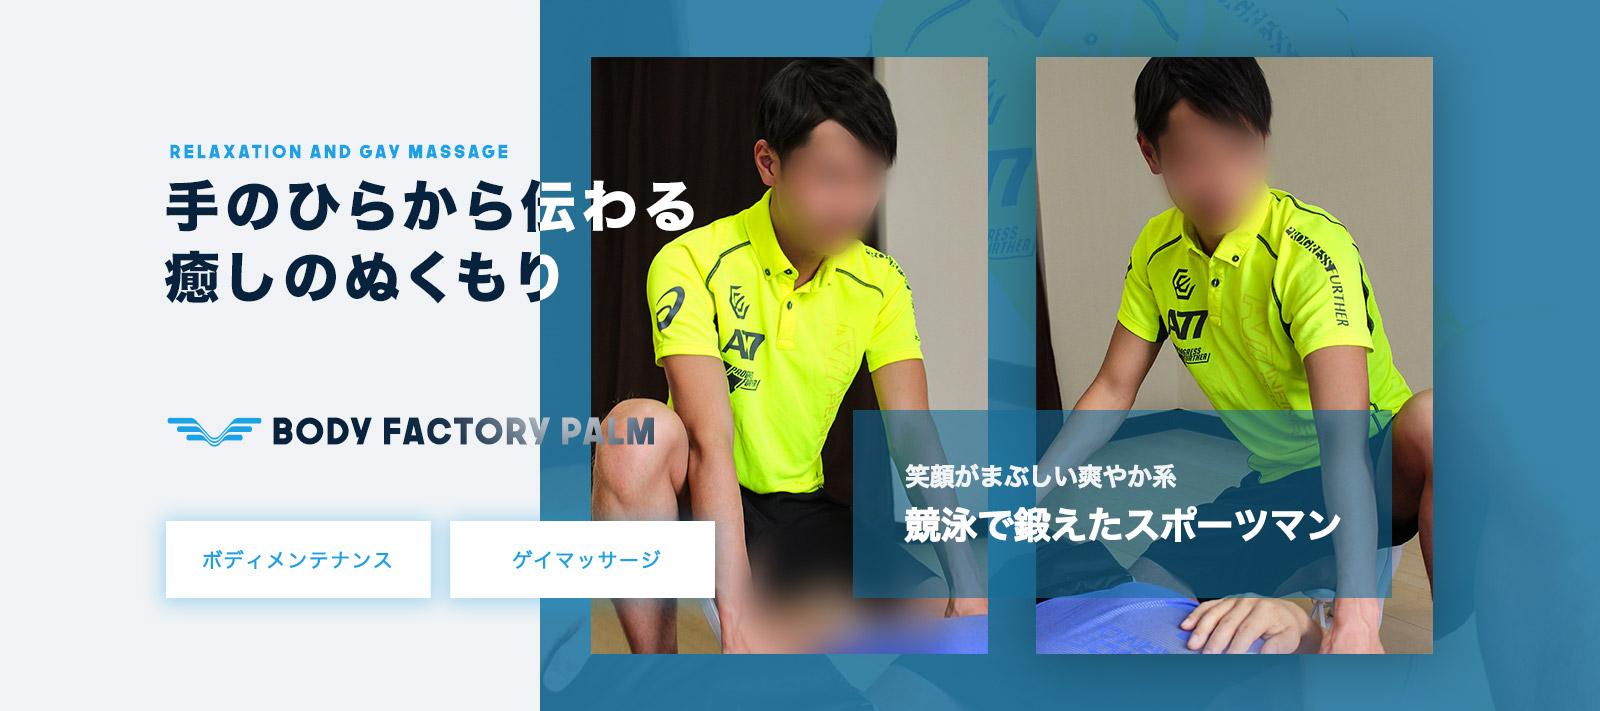 仙台ゲイマッサージ BODY FACTORY Palm